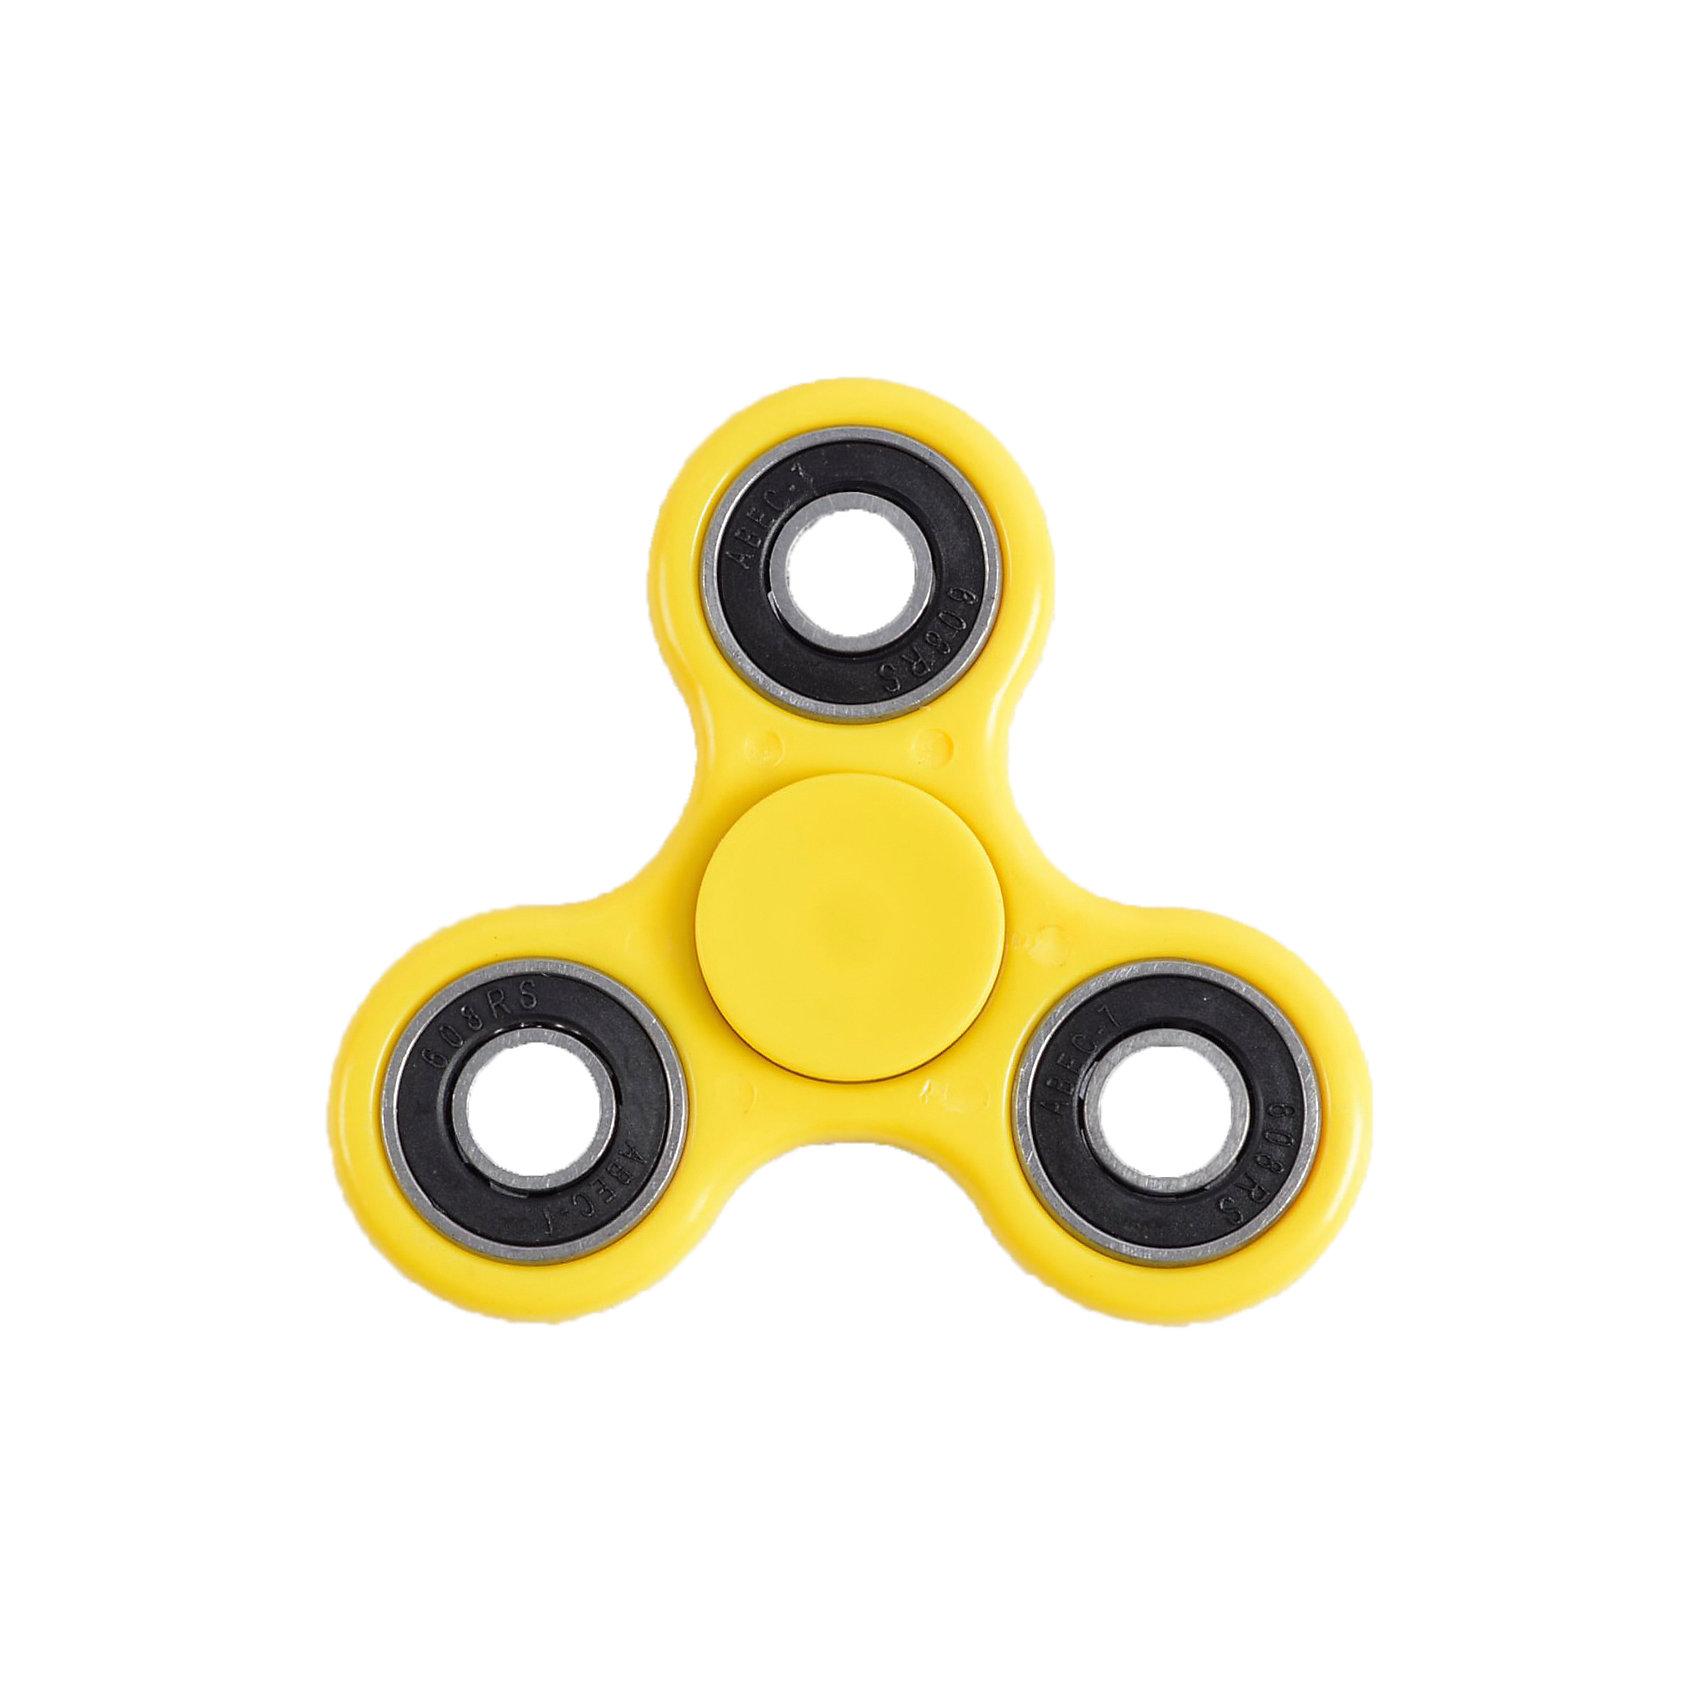 Спиннер для рук, желтый, металлический подшипник, Fidget SpinnerИгрушки-антистресс<br>Характеристики товара:<br><br>• цвет: желтый;<br>• материал: пластик, металл;<br>• размер упаковки: 7х7х7 см;<br>• вес: 50 грамм;<br>• возраст: от  3лет.<br><br>Спиннер Fidget Spinner состоит из металлического подшипника и трех лопастей желтого цвета. Чтобы игрушка начала крутиться, достаточно запустить спиннер, удерживая центральный подшипник. Движения спиннера равномерные, плавные и практически бесшумные.  После запуска спиннер крутится в течение нескольких минут. При желании можно придумать или повторить различные трюки с использованием спиннера.<br><br>Игра со спиннером поможет расслабиться, успокоиться, а также развить моторику рук. Игрушка имеет небольшой размер, поэтому ее удобно брать с собой и крутить в любой удобной ситуации. <br><br>Спиннер для рук, желтый, металлический подшипник, Fidget Spinner (Фиджет Спиннер) можно купить в нашем интернет-магазине.<br><br>Ширина мм: 70<br>Глубина мм: 70<br>Высота мм: 70<br>Вес г: 50<br>Возраст от месяцев: 36<br>Возраст до месяцев: 2147483647<br>Пол: Унисекс<br>Возраст: Детский<br>SKU: 6970793